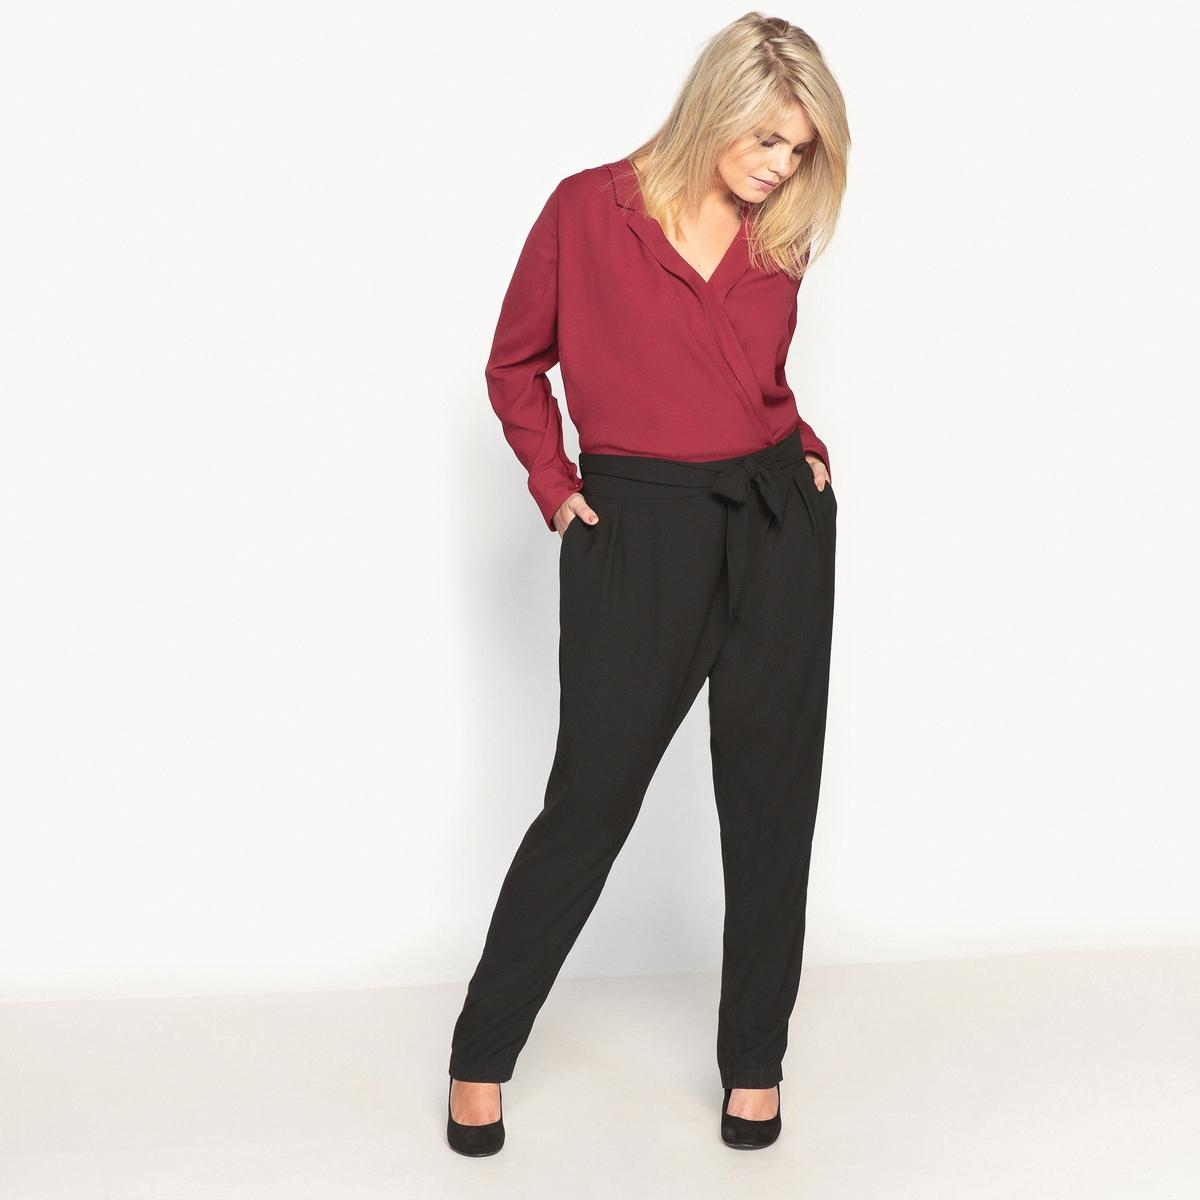 Комбинезон с брюками двухцветныйОписание:Модный двухцветный комбинезон с брюками. Красивый покрой слим, подчеркивающий силуэт. Очень оригинальный комбинезон с брюками.Детали •  Покрой слим, дудочки     •  Графичный рисунокСостав и уход •  100% полиэстер  •  Температура стирки 30°   •  Сухая чистка и отбеливание запрещены •  Не использовать барабанную сушку •  Низкая температура глажкиТовар из коллекции больших размеров<br><br>Цвет: двухцветный<br>Размер: 50 (FR) - 56 (RUS).52 (FR) - 58 (RUS).58 (FR) - 64 (RUS).42 (FR) - 48 (RUS).48 (FR) - 54 (RUS)